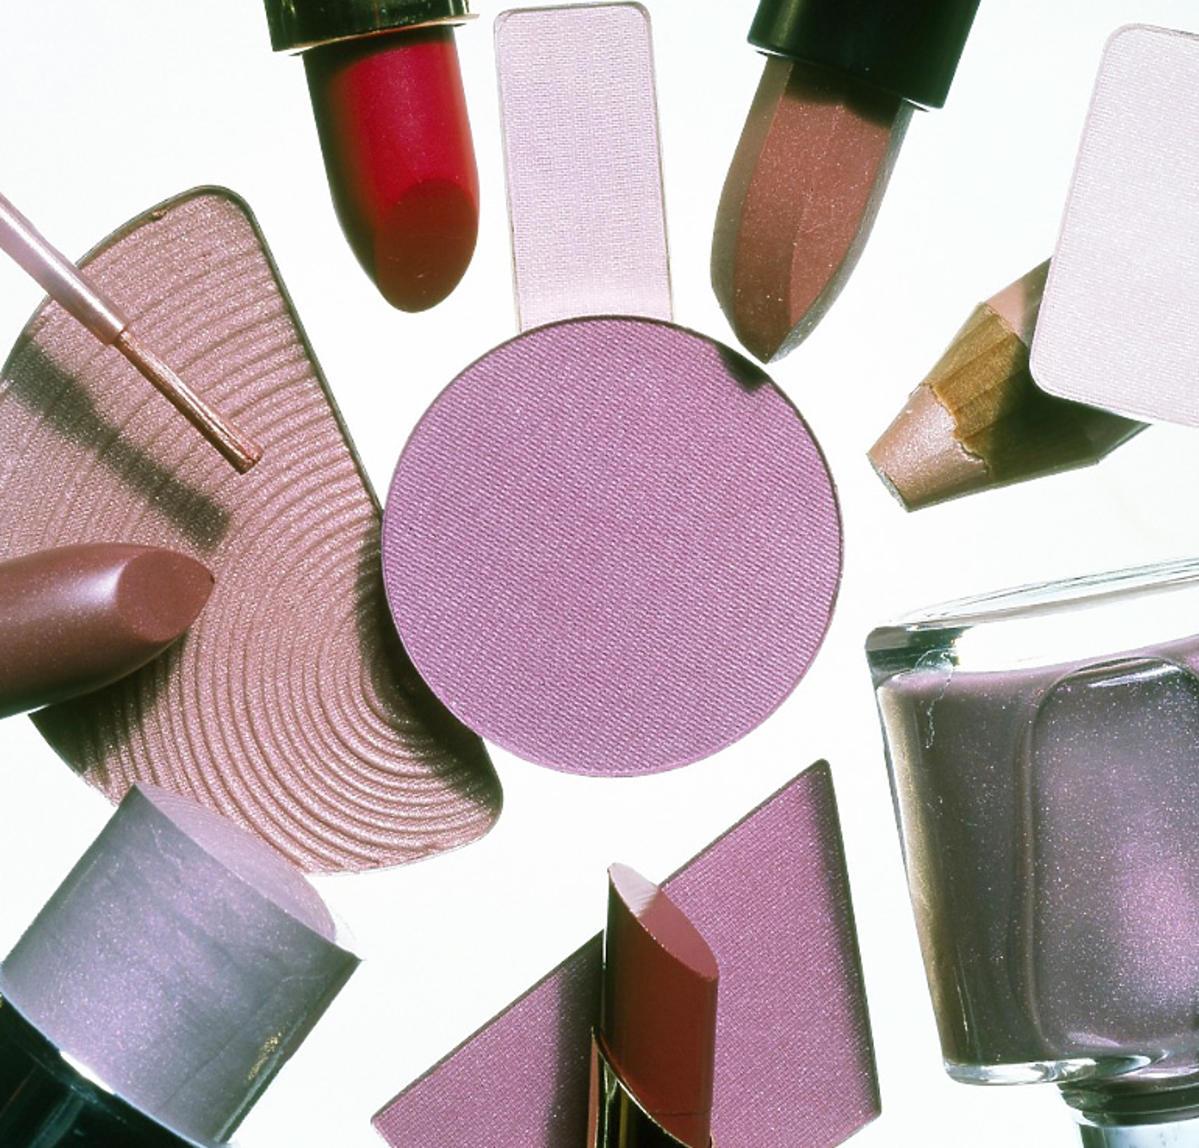 Jakie kosmetyki można kupićw Rossmannie  w promocji?